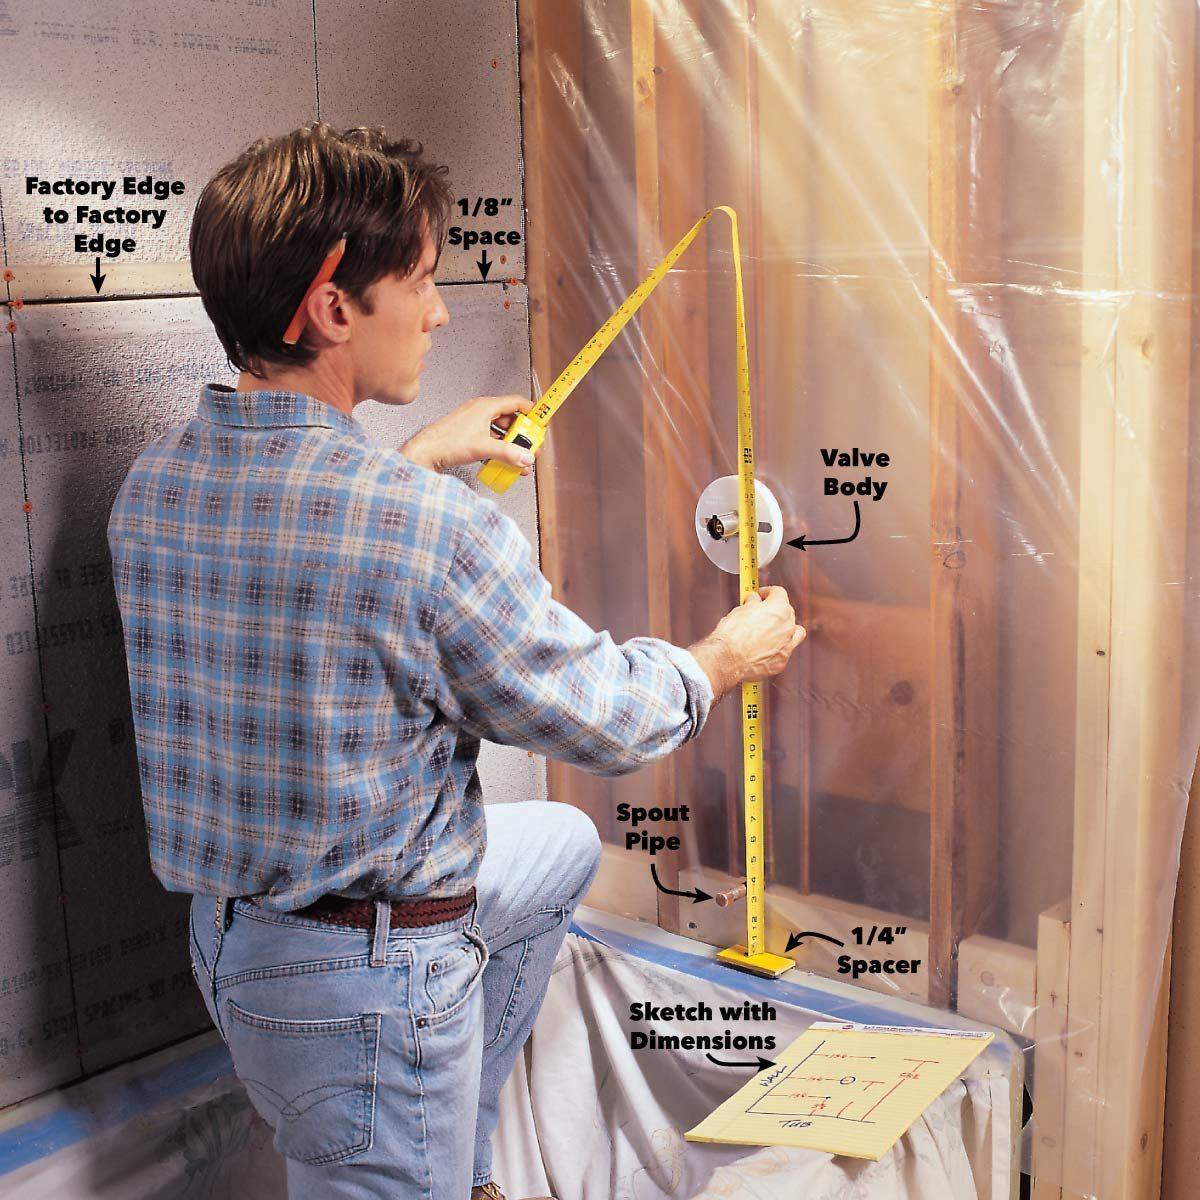 find centers for plumbing fixtures